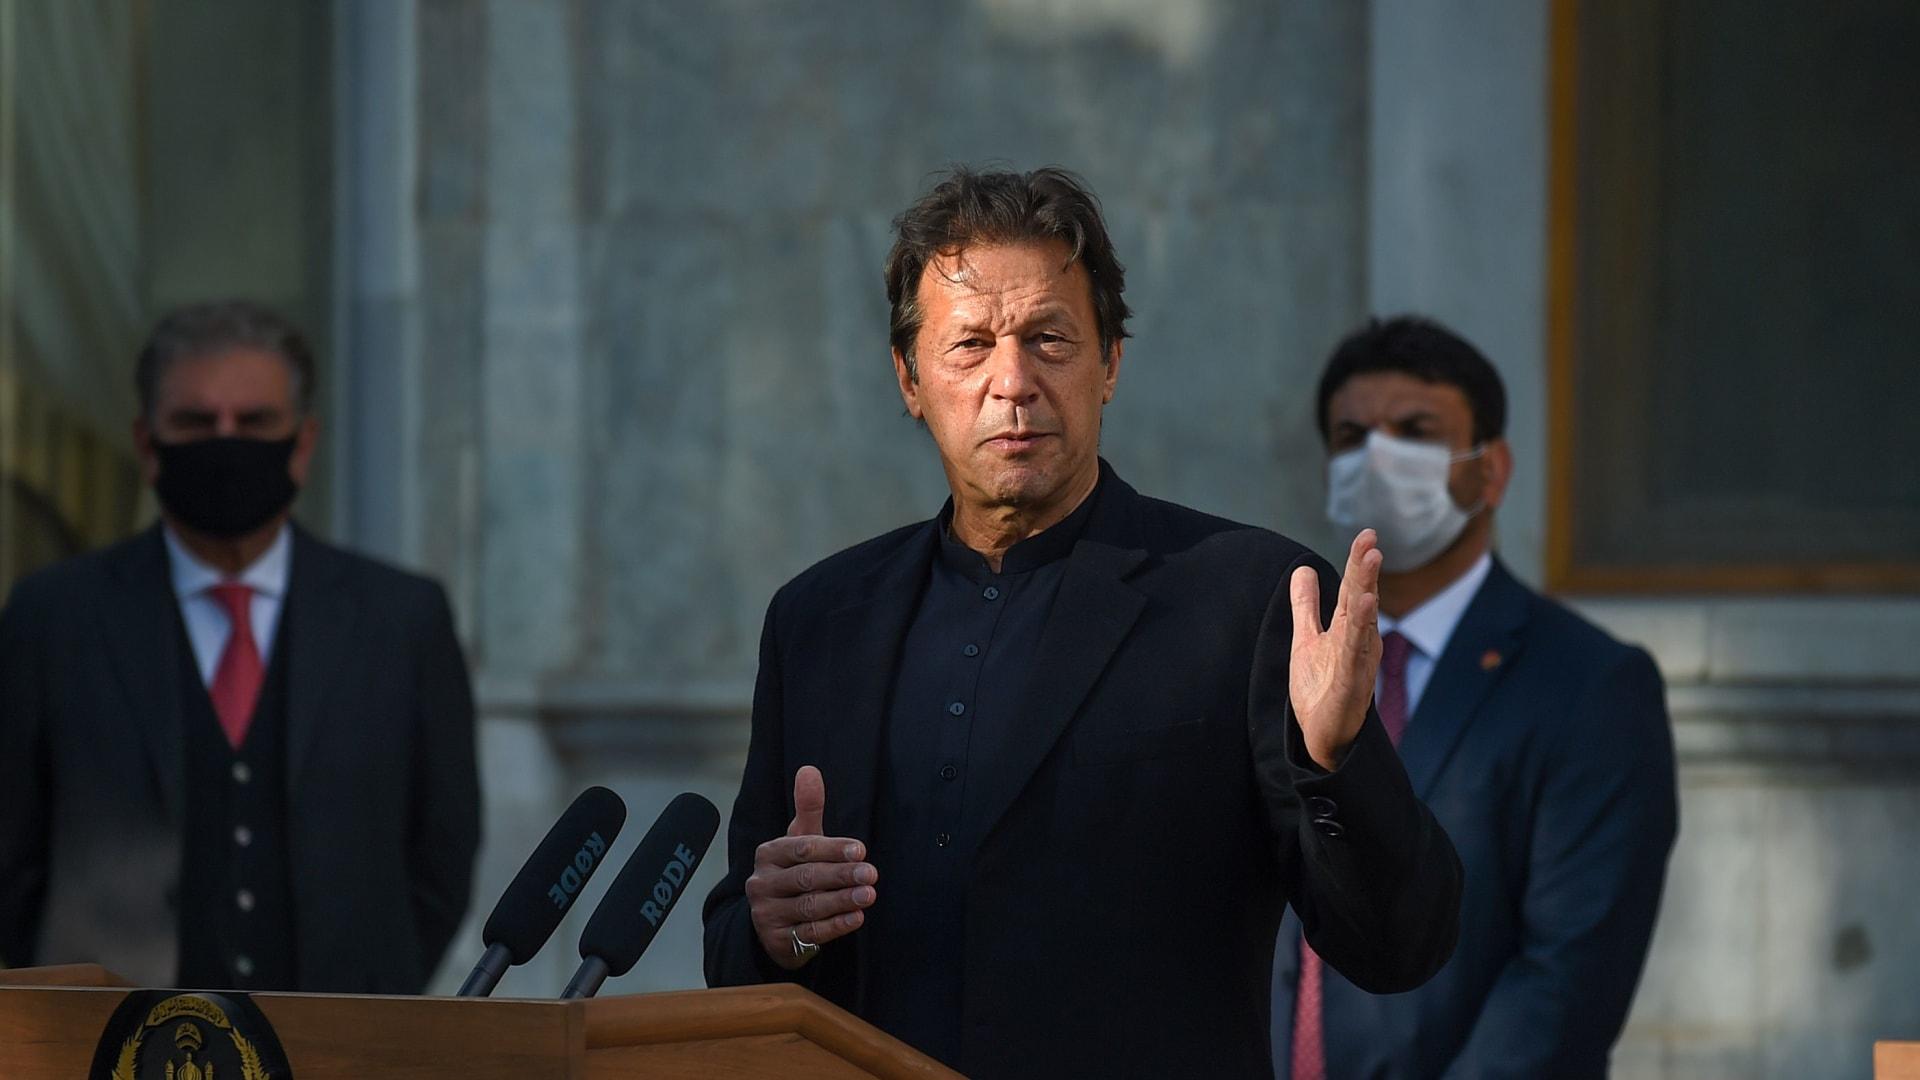 إصابة رئيس وزراء باكستان بفيروس كورونا بعد يومين من تلقيه أول جرعة من لقاح سينوفارم